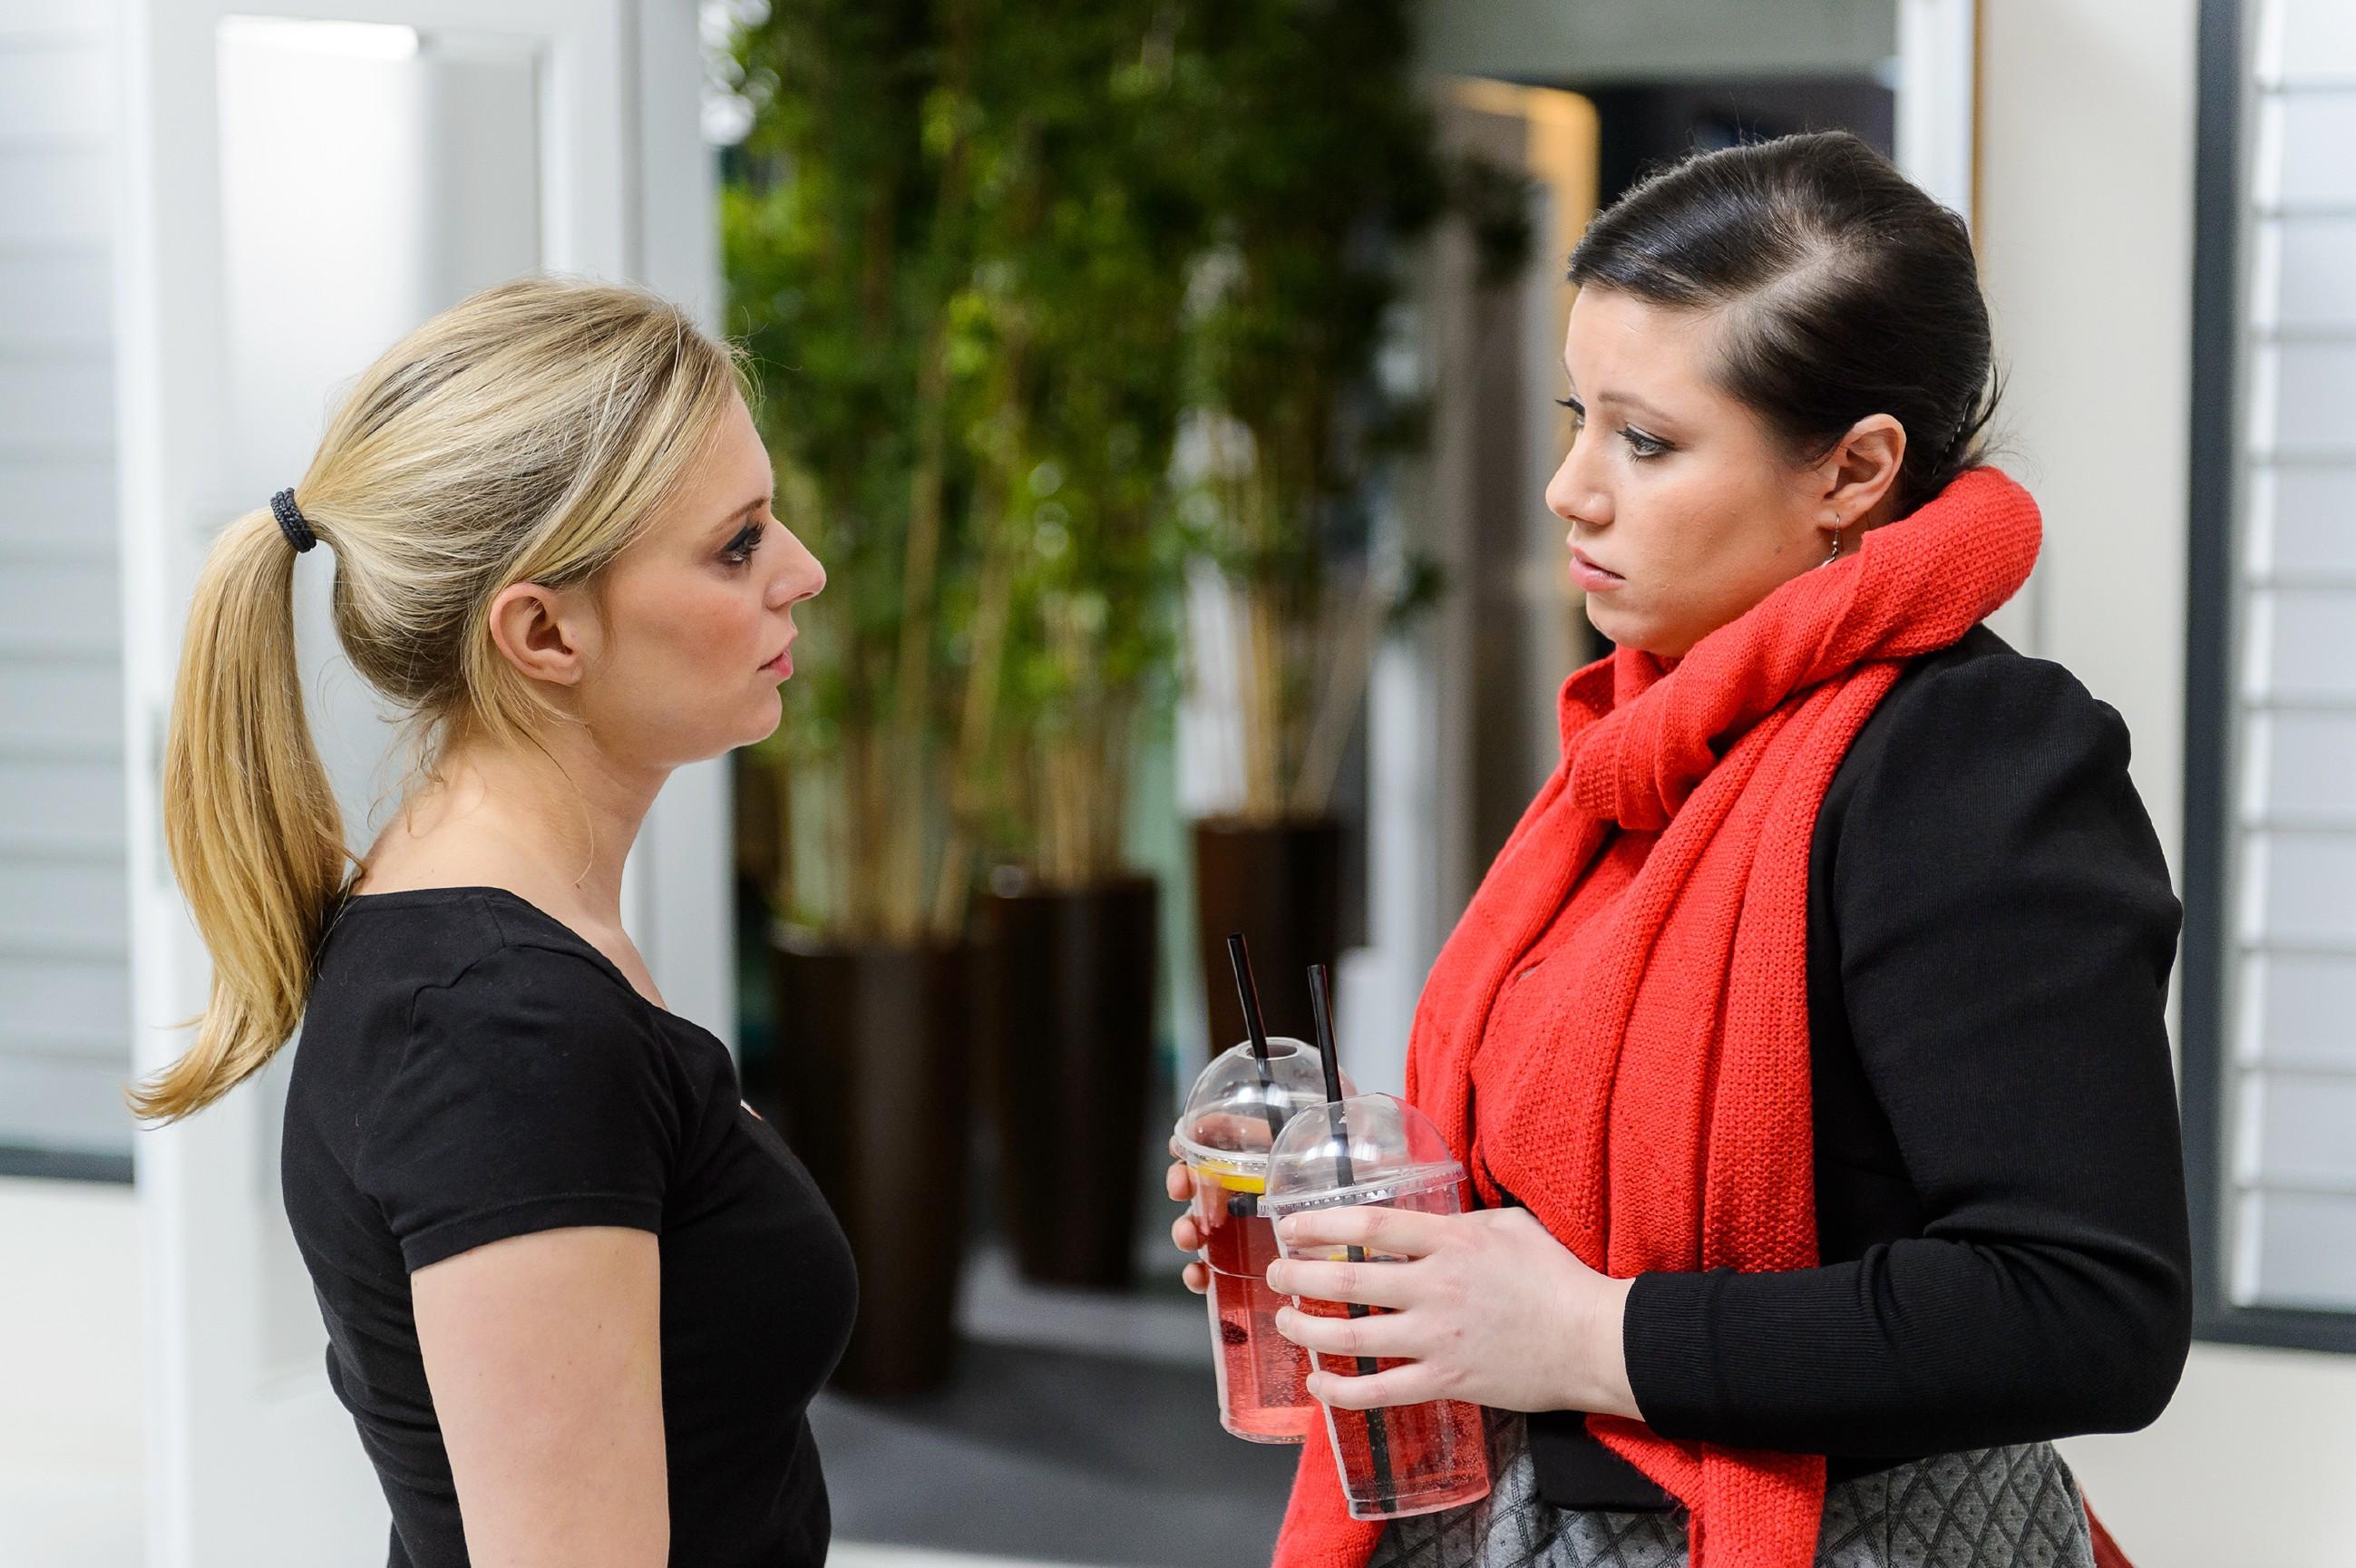 Lena (Juliette Greco, l.) gesteht Vanessa (Julia Augustin) verletzt, nicht zu wissen, wie es zwischen ihr und Marian weitergehen soll. (Quelle: RTL / Willi Weber)